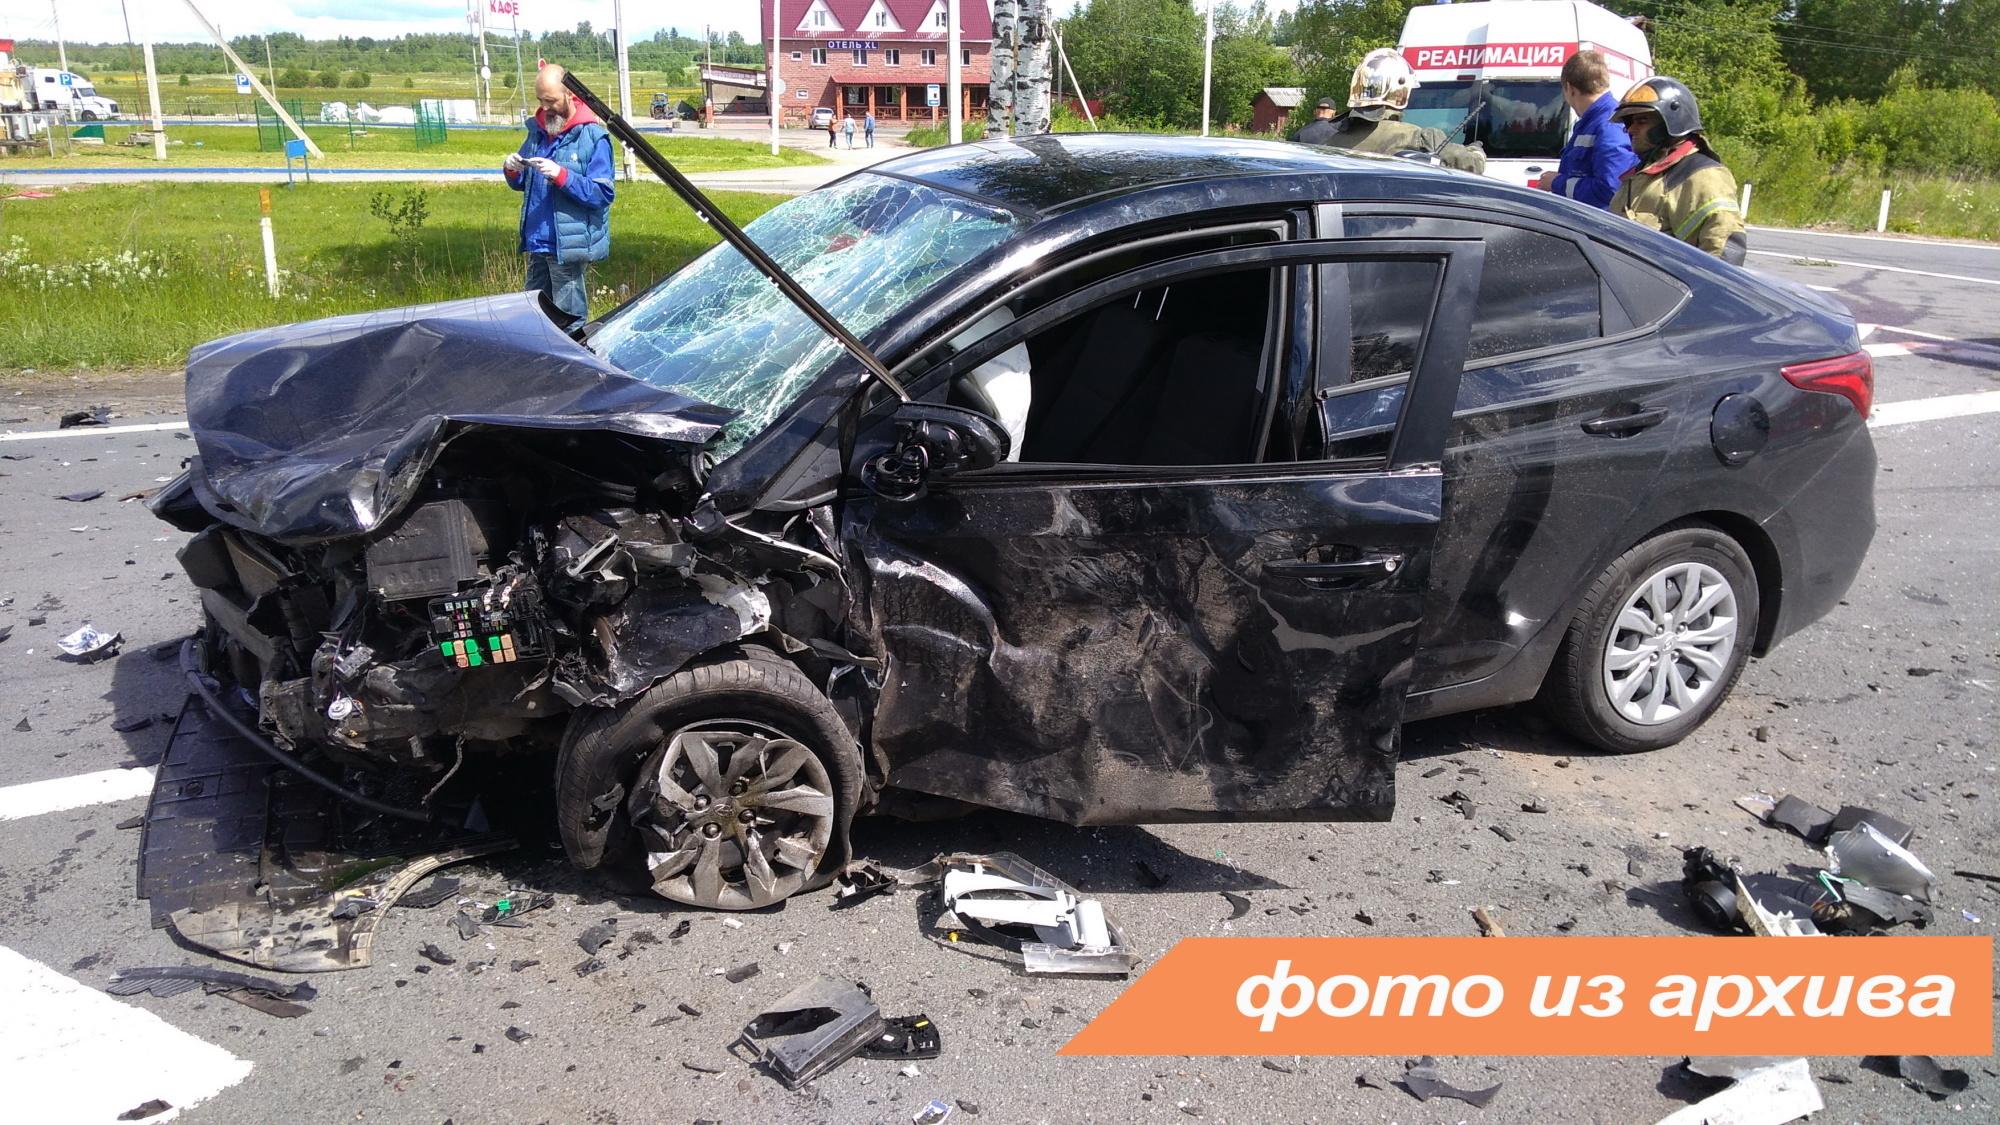 Спасатели Ленинградской области приняли участие в ликвидации последствий ДТП в Волосовском районе